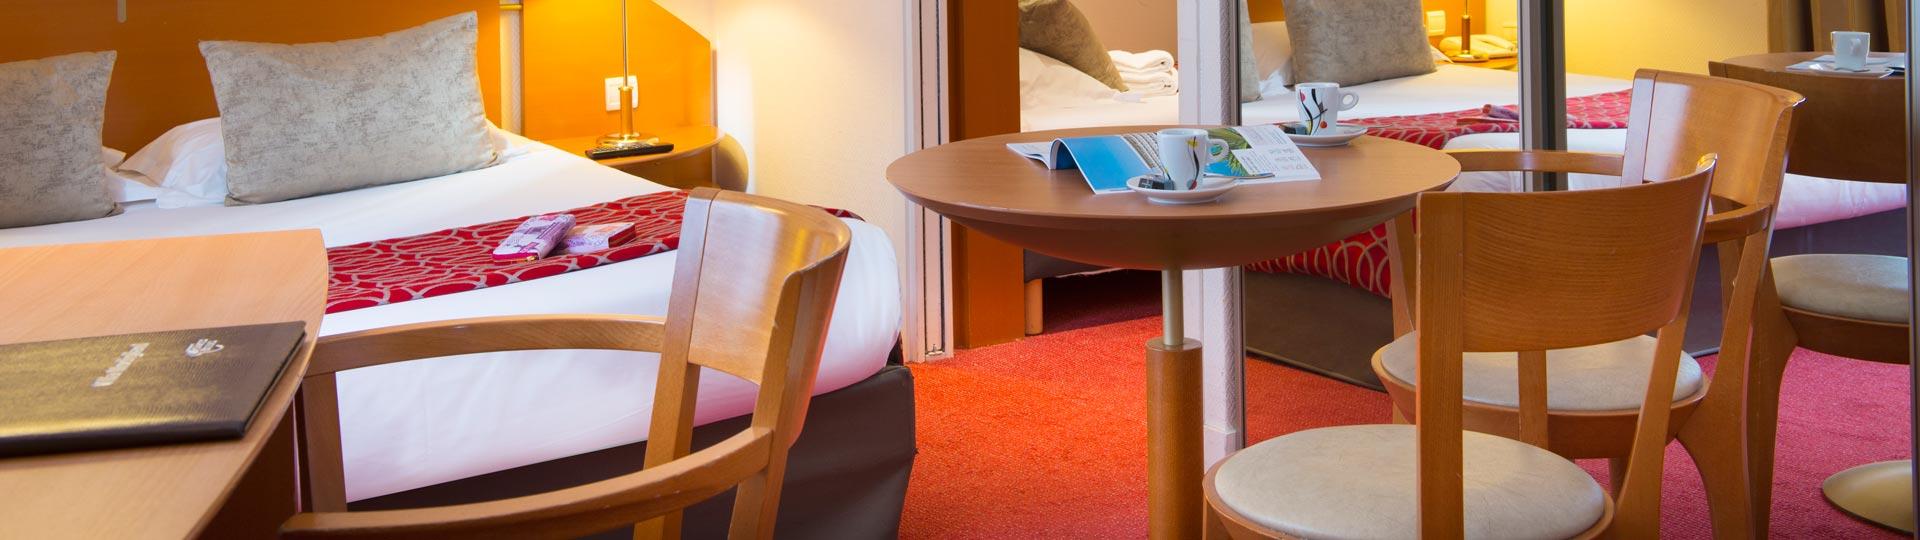 H tel avec chambre familiale paris la villa modigliani for Hotel paris chambre 4 personnes